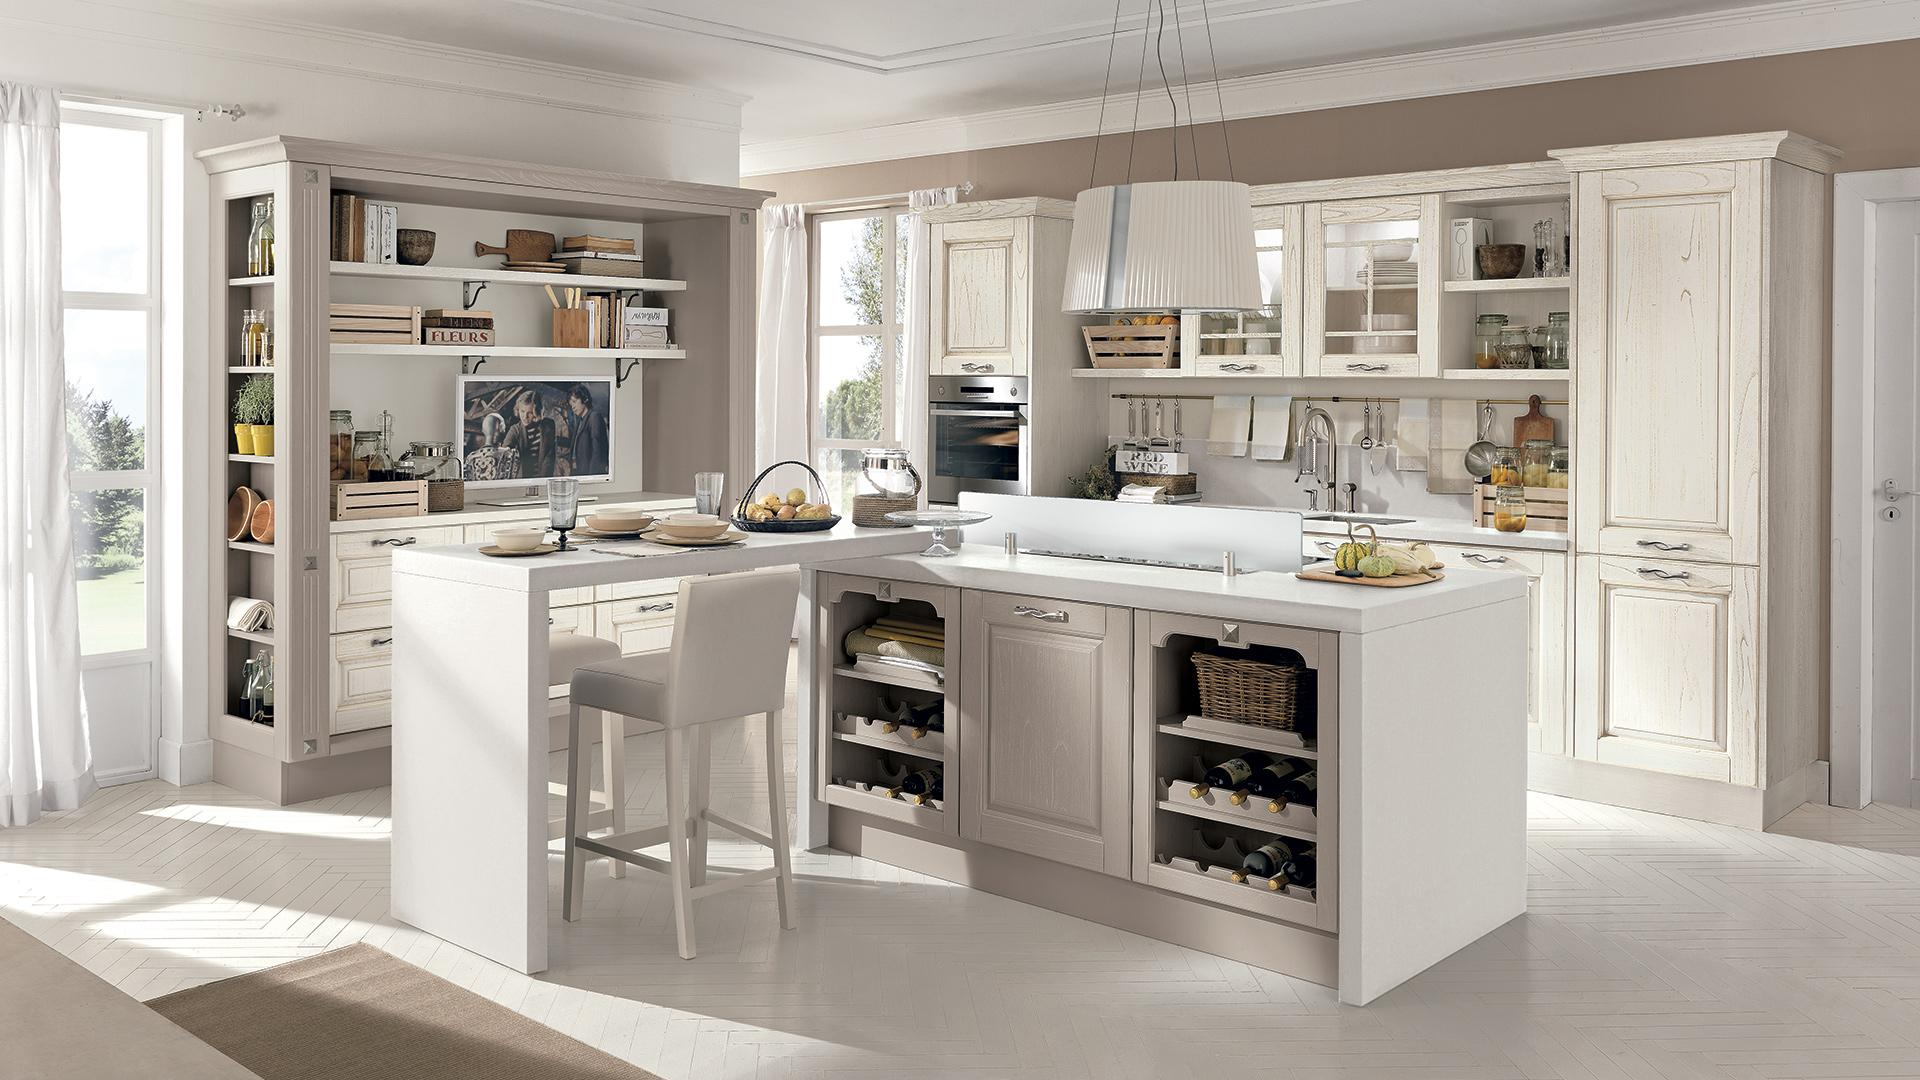 Cucina Con Isola Le Soluzioni Da Non Perdere Di Lube Store Lube  #947237 1920 1080 Cucine Veneta Con Isola